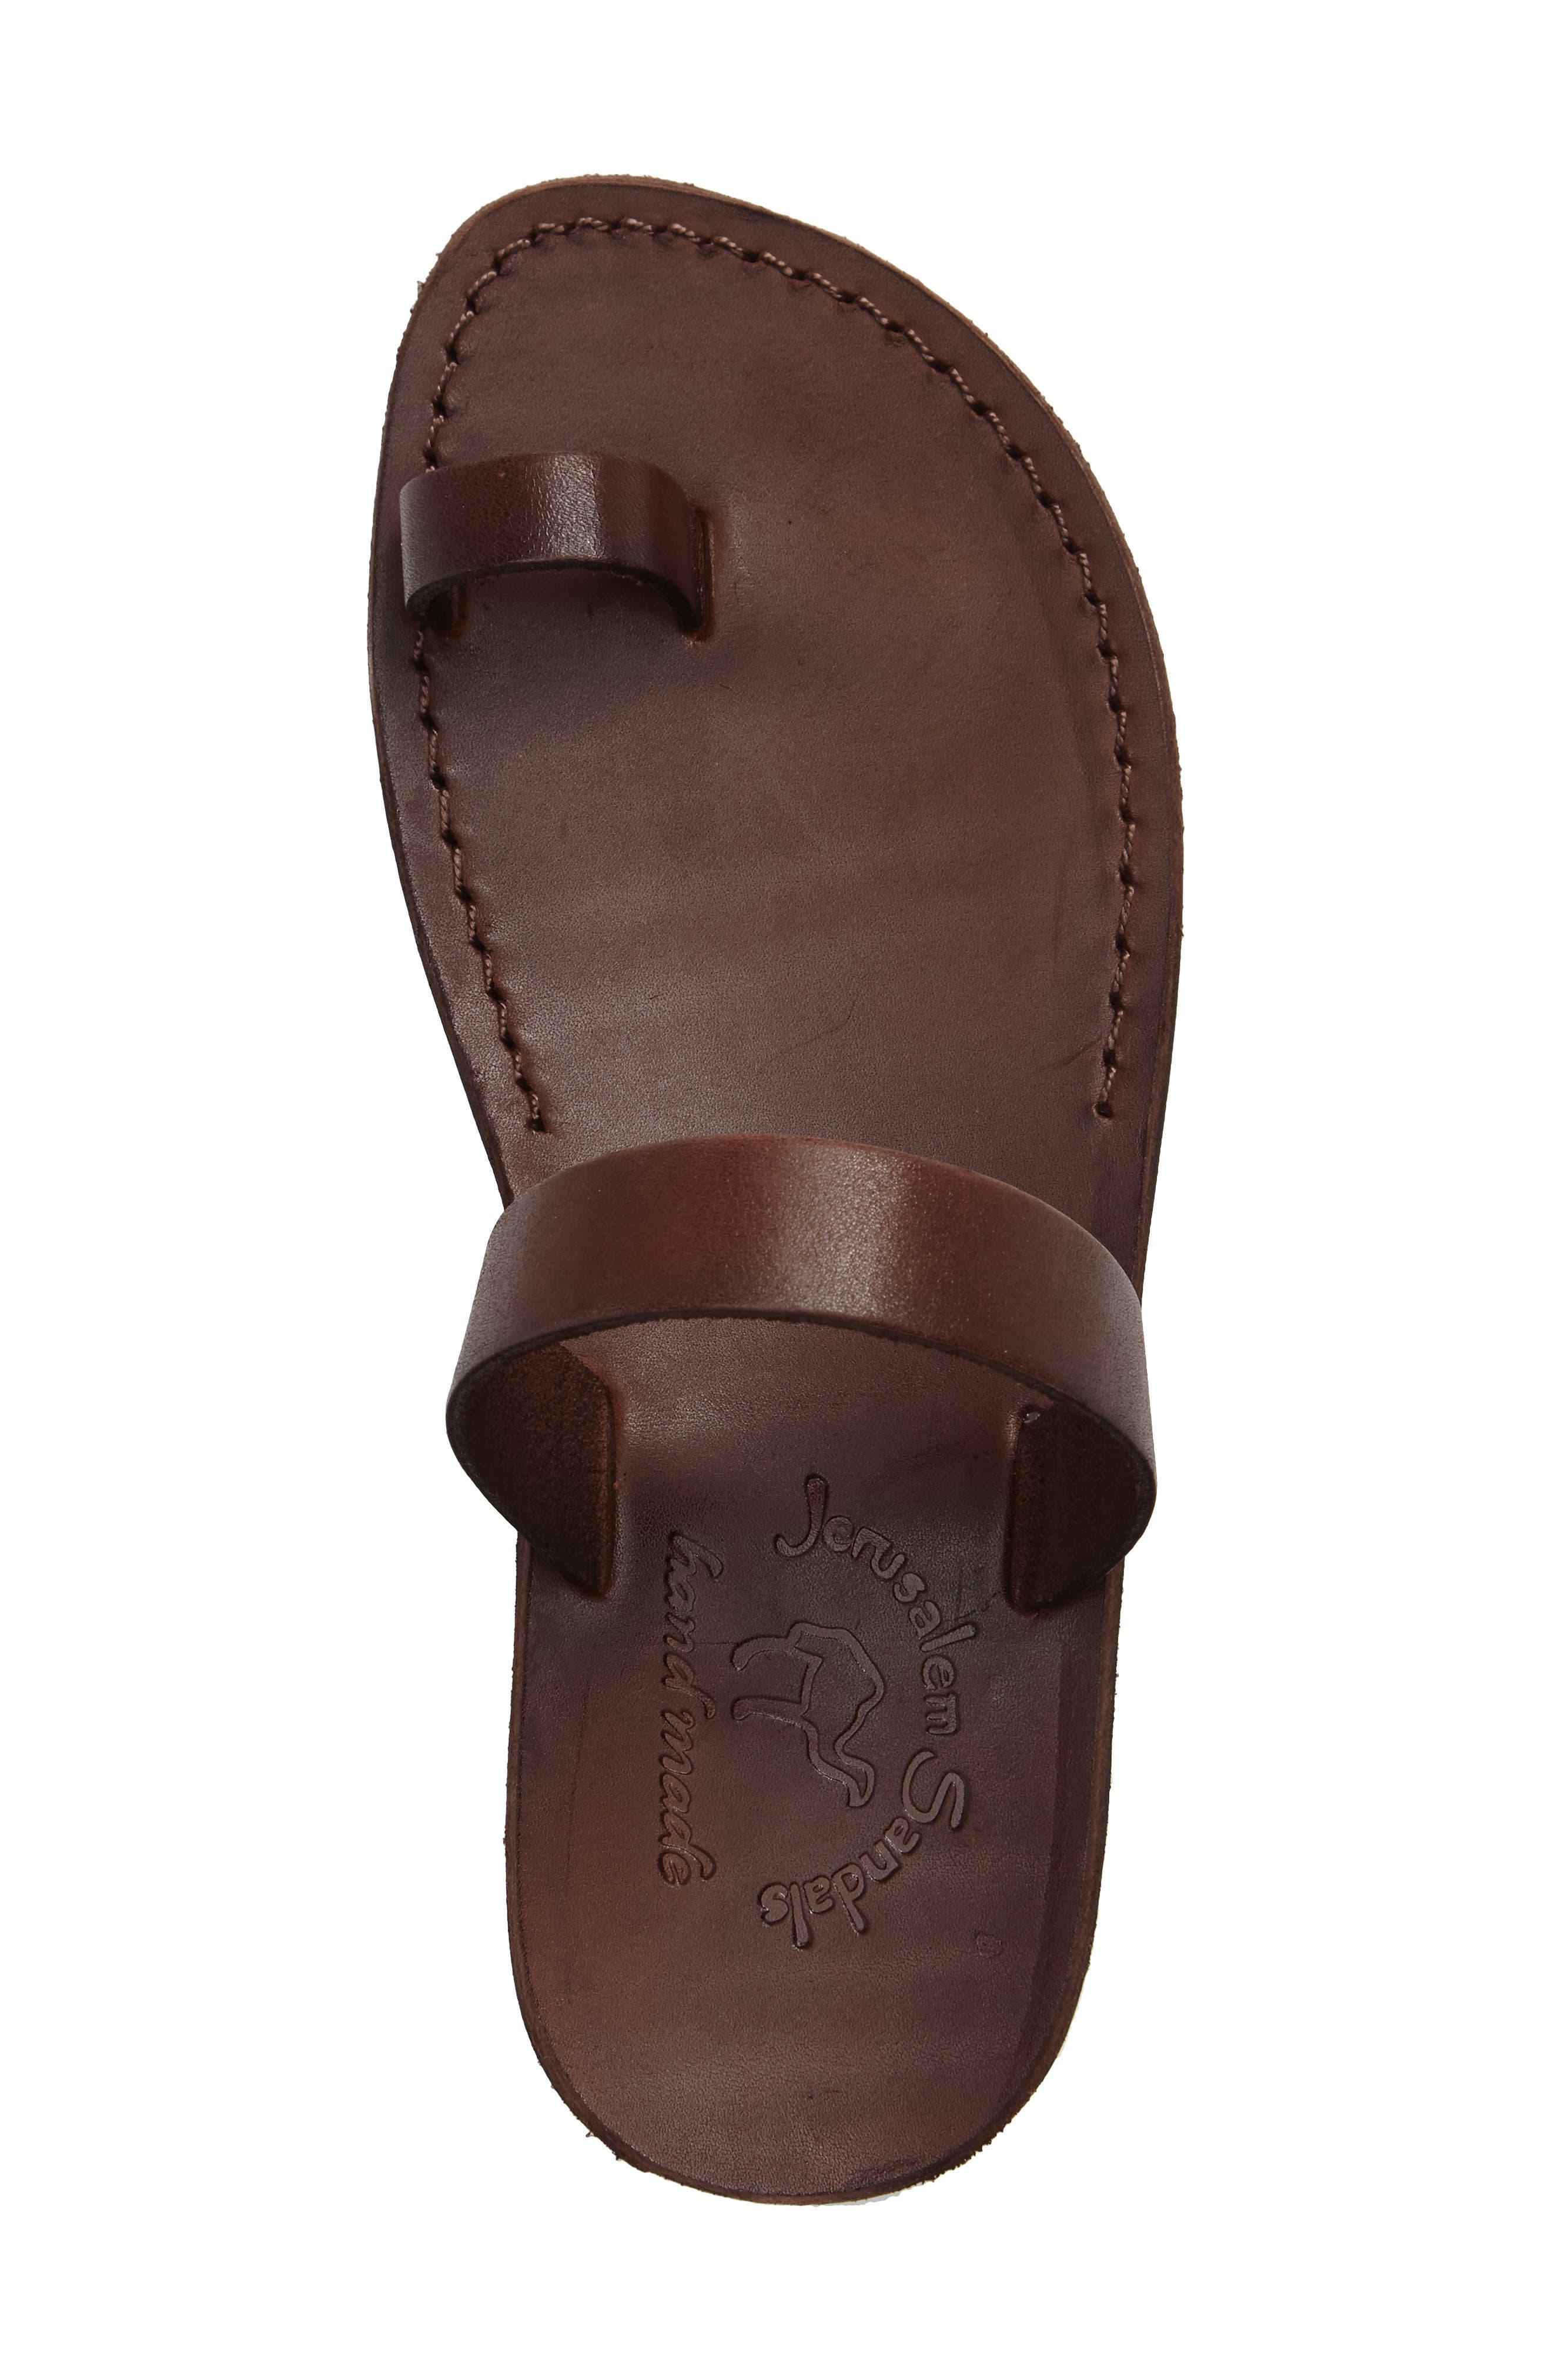 Alternate Image 3  - Jerusalem Sandals Eden Toe Loop Sandal (Women)